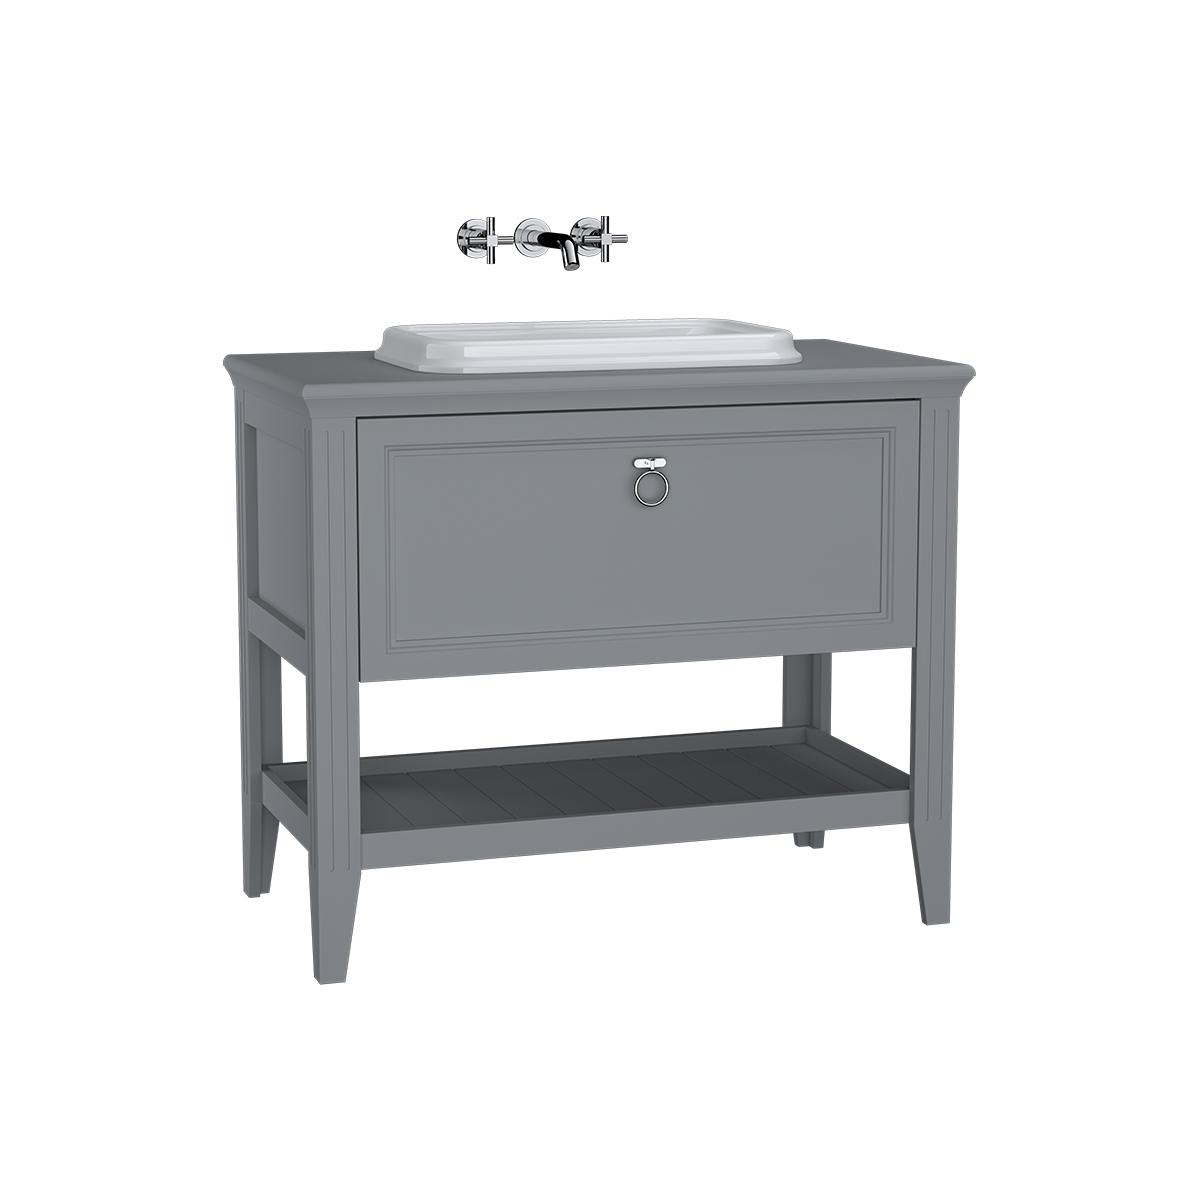 Valarte meuble sous vasque encastrée, 100 cm, avec tiroir, gris mat